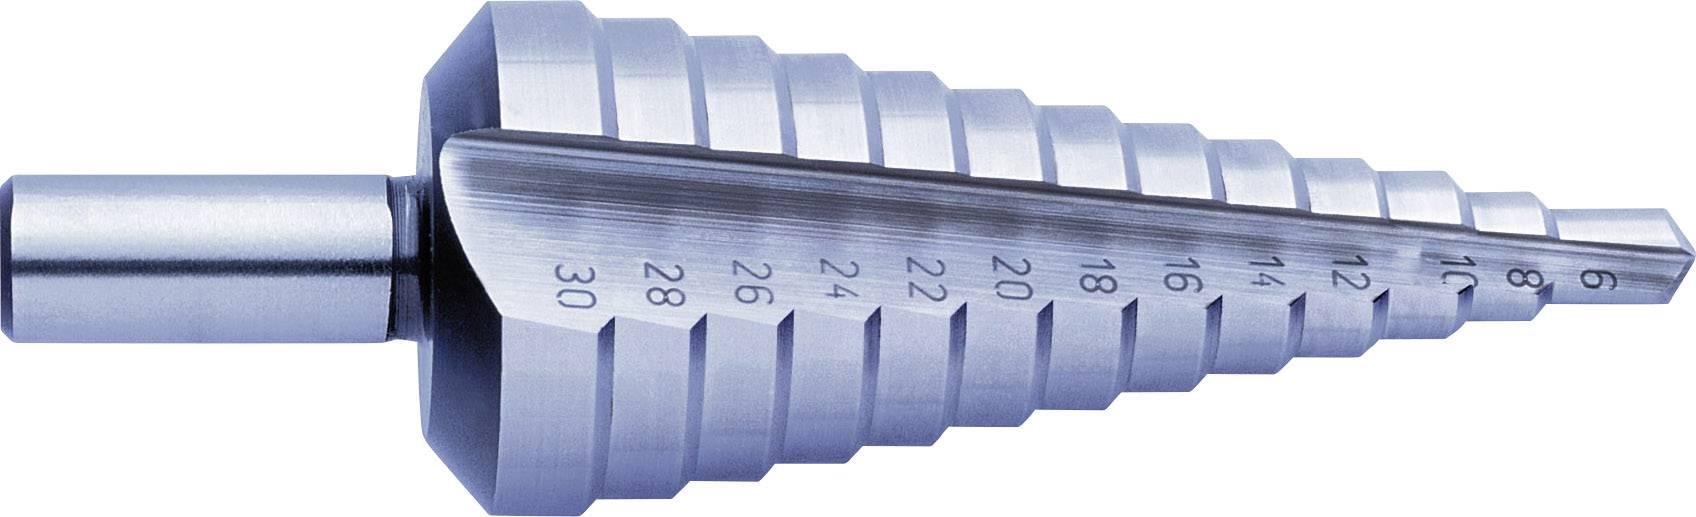 HSS stupňovitý vrták Exact 1605321 SB-VERPACKUNG, 4 - 12 mm, kužeľový záhlbník, 1 ks